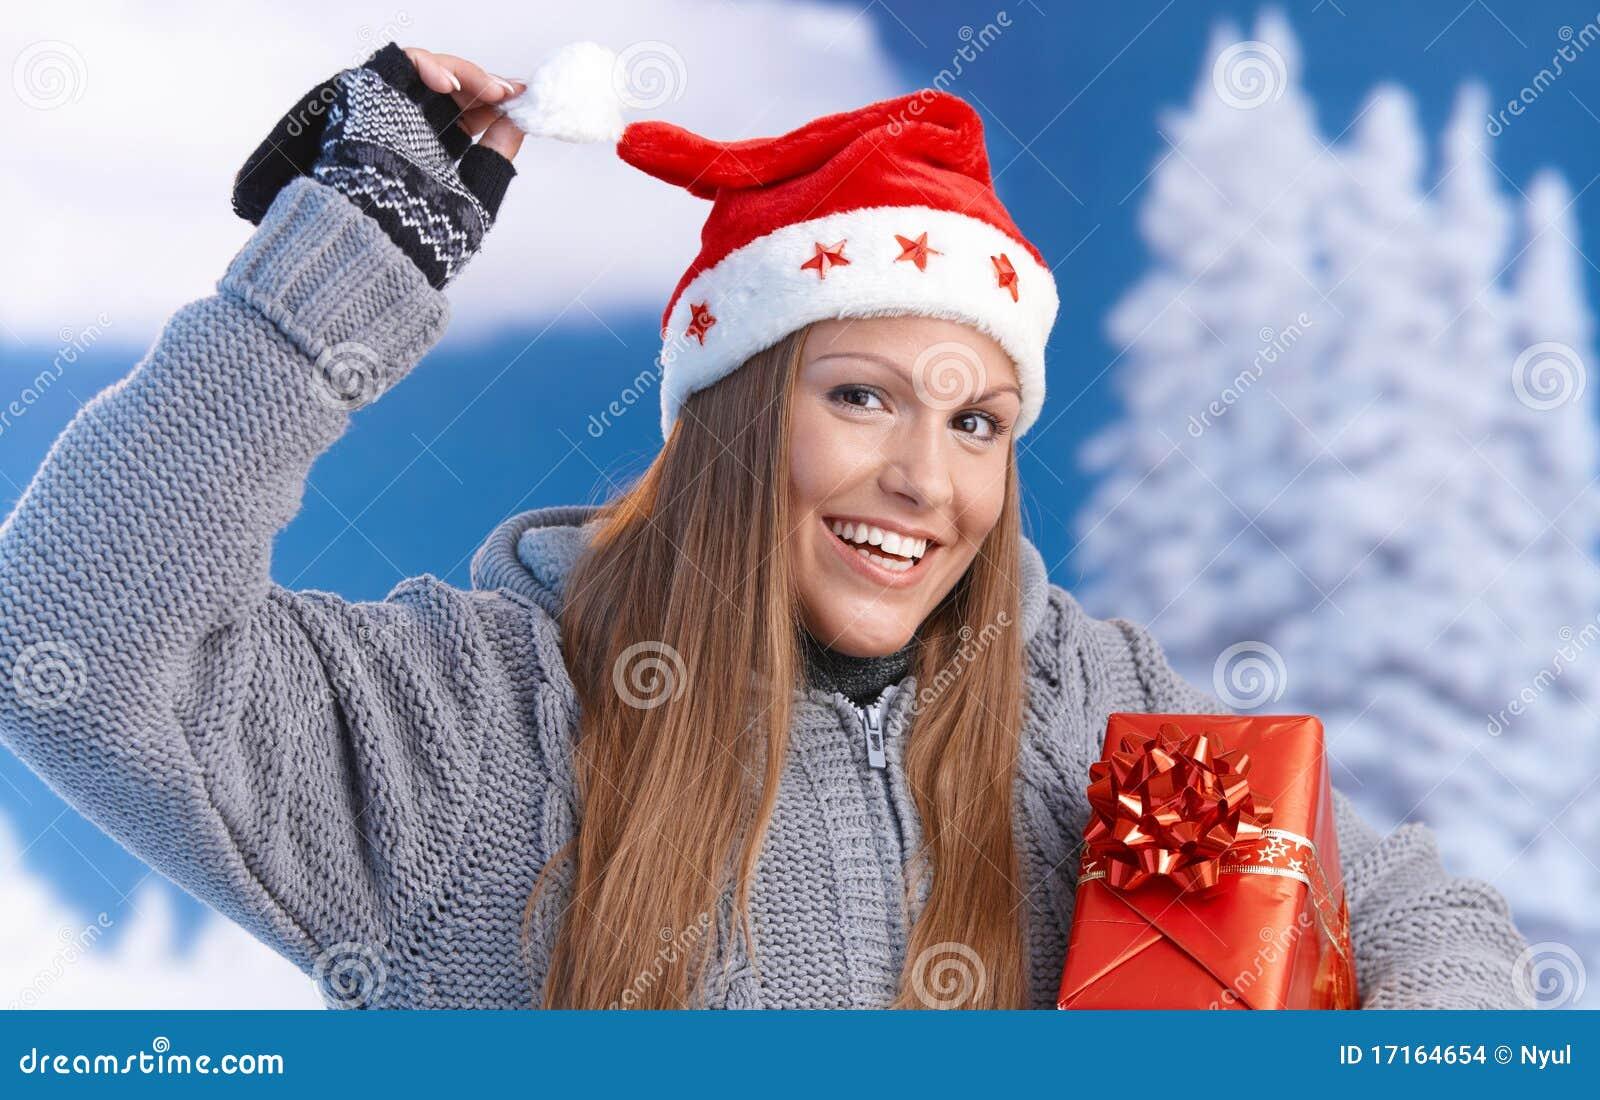 Frau Im Sankt-Hutholding-Weihnachtsgeschenk Stockfoto - Bild von ...